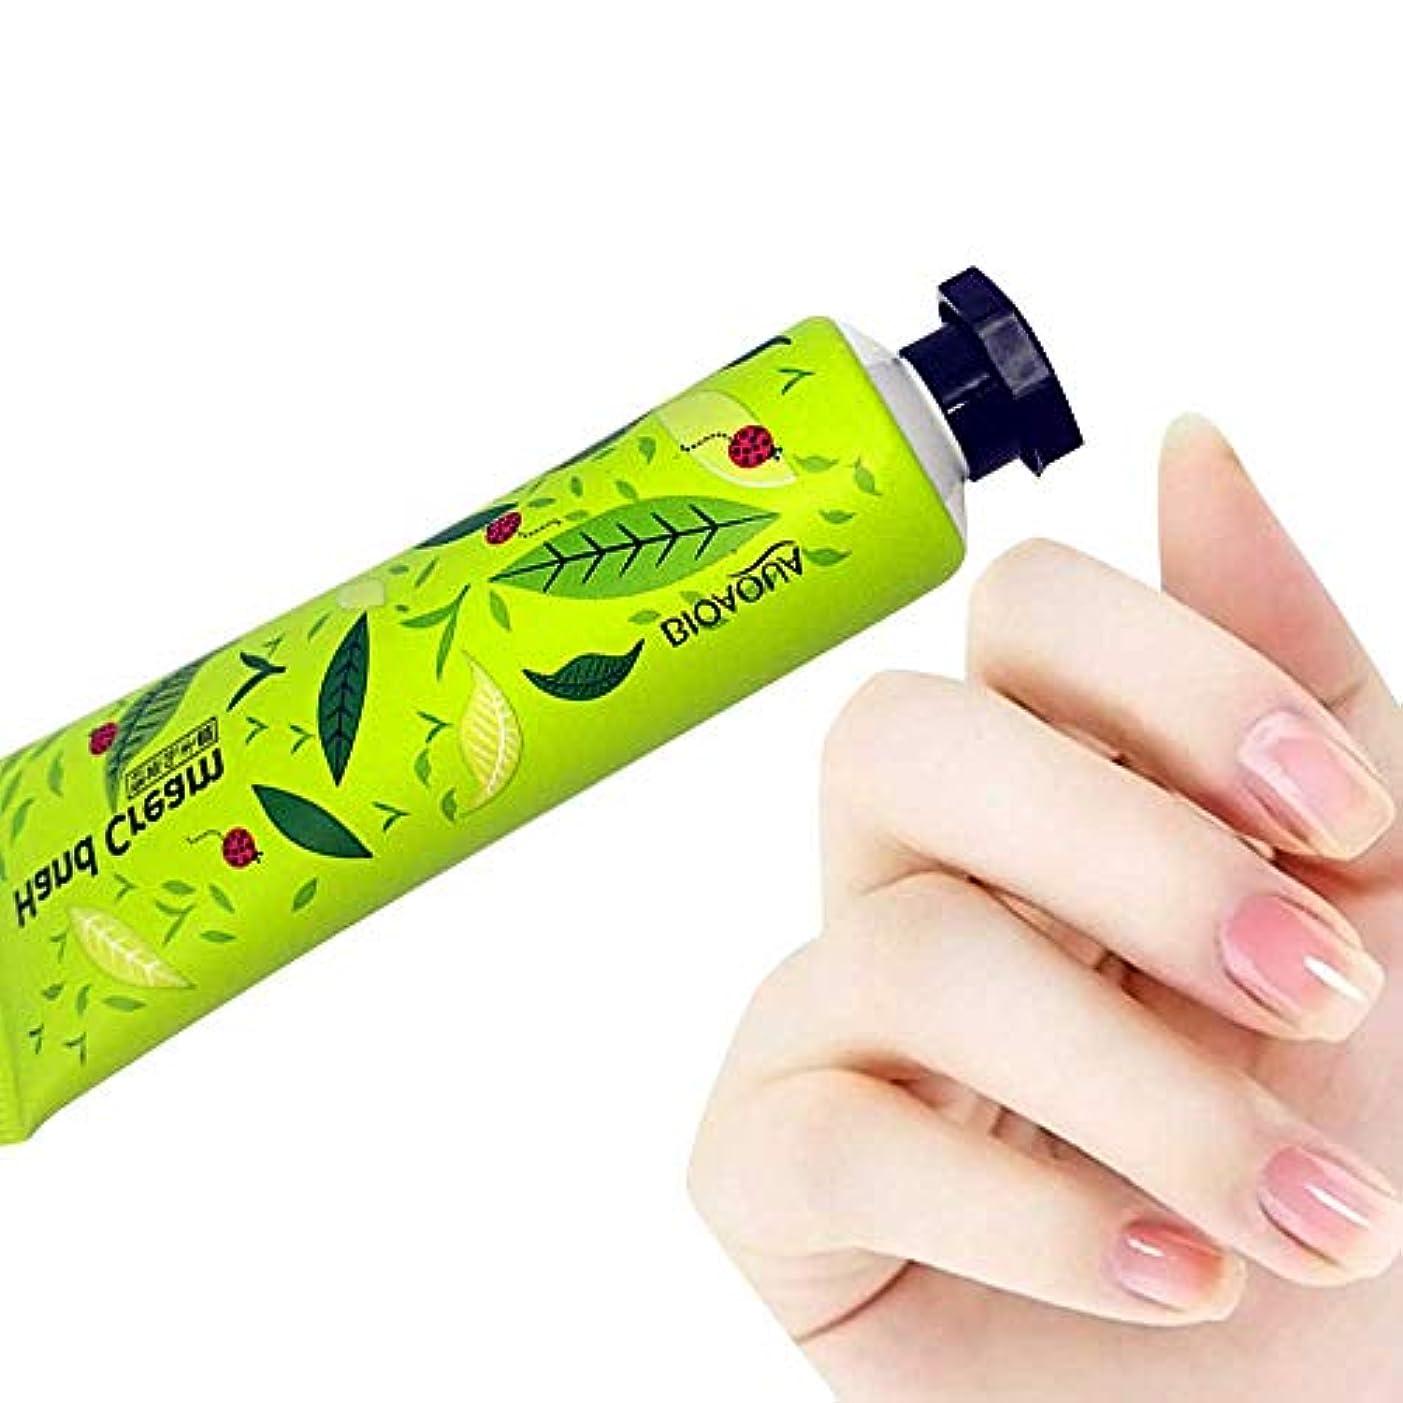 ふける謙虚成熟したハンドクリーム Akane BIOAOUA 植物エキス 潤う 保湿 水分補給 香り 手荒れを防ぐ 無添加 天然 乾燥肌用 自然 肌荒れ予防 Hand Cream